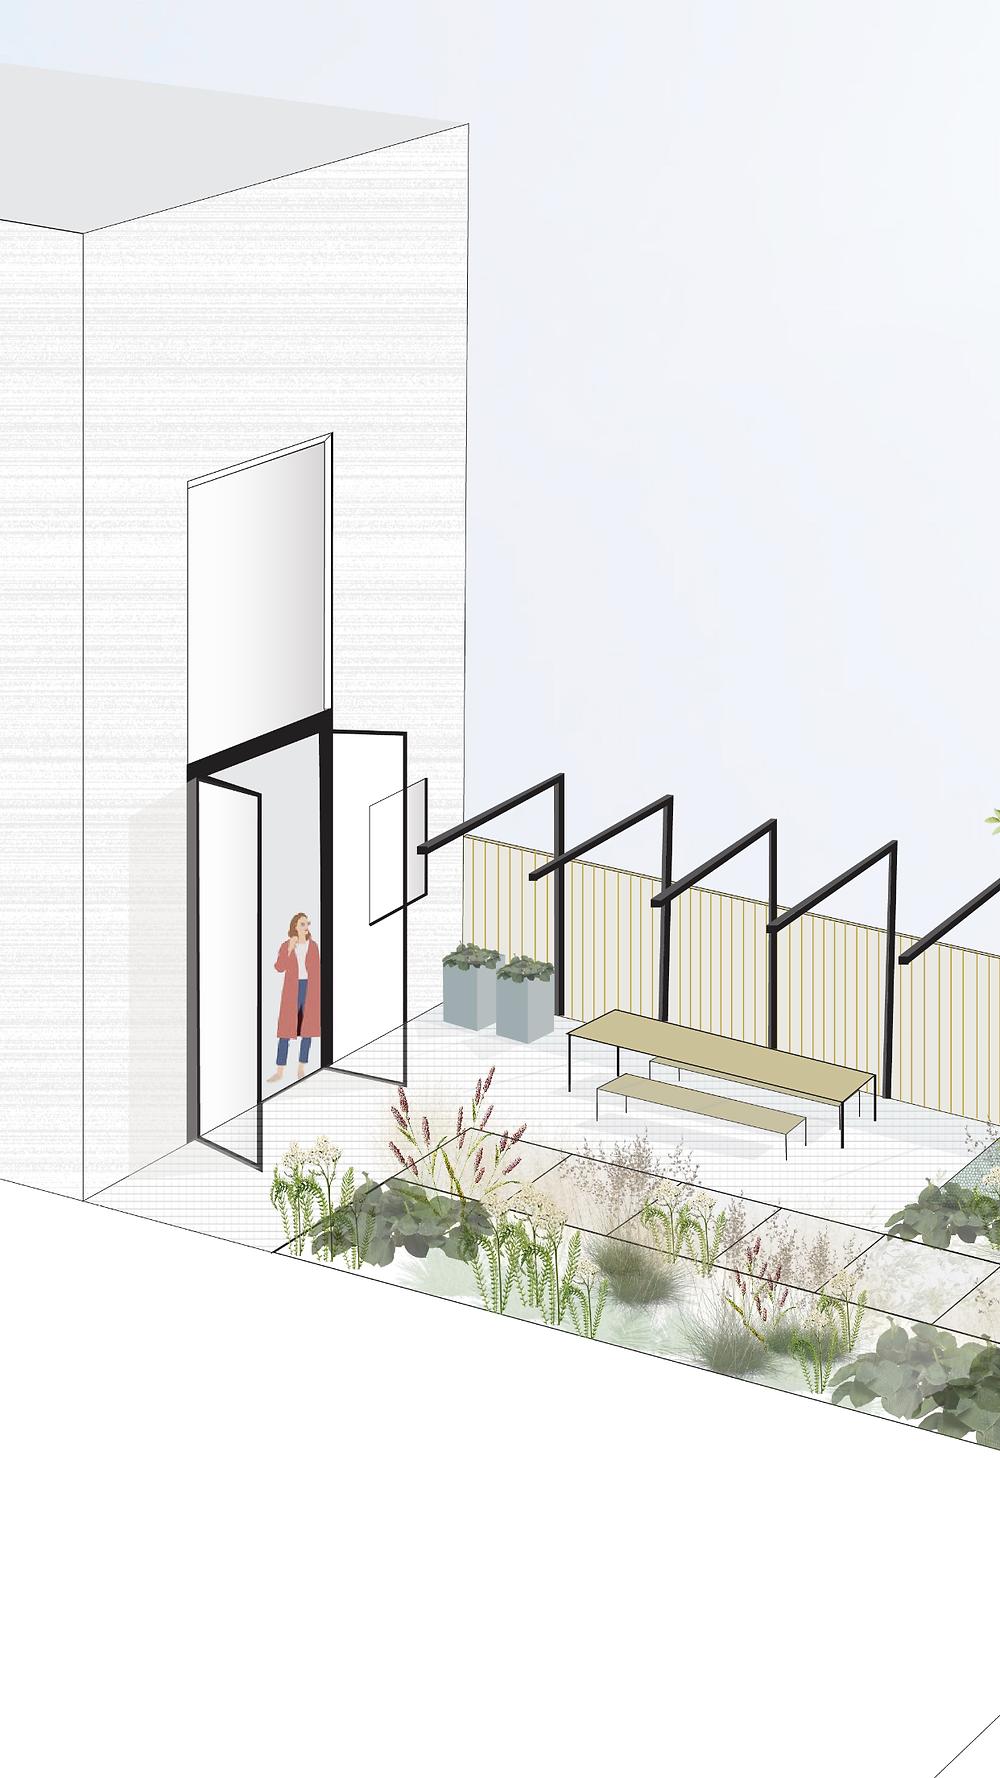 'Zou je een natuurlijke tuin kunnen ontwerpen die past bij het interieur van het huis.' WONEN IN PARK 16HOVEN, ROTTERDAM  Voor vele van ons komt er een tijd dat we de hectische stad willen verlaten om ons te settelen in een iets rustiger gedeelte van ons land. We zoeken naar een plek waar de kwaliteit van de leefomgeving een stuk groter is. We ruilen ons appartement in voor een huis en het balkon voor een tuin.  Zo heeft dit jonge koppel ervoor gekozen om een huis te laten bouwen in Park 16Hoven in Rotterdam. Al ligt het hemelsbreed maar vijf kilometer van het centrum van Rotterdam, je baant je hier in een andere wereld. Het is een mooie, jonge wijk waar veel aandacht wordt besteed aan groen.  De keuze om te gaan wonen in Park 16Hoven is niet verwonderlijk. De opdrachtgevers zijn beide opgegroeid op het platteland. Wonen in een groene omgeving grenzend aan de stad is voor hun dus perfecte combinatie.    DE NIEUWE TUINTREND  'Stoer en robuust, maar toch met een zekere verfijning. Een natuurlijke beplanting van siergrassen met hier een daar een bloem en een fijne plek om aan het water te zitten'. De eisen van de opdrachtgevers waren duidelijk. 'Zou je een natuurlijke tuin kunnen ontwerpen die past bij het interieur van het huis.'  De eisen liggen helemaal in mijn straatje. Het ontwerp bestaat uit strakke lijnen die worden verzacht door de natuurlijk - ogende borders bestaande uit siergrassen en meerstammige bomen. Stelconplaten* liggen in een rechte lijn van de straatkant tot de voordeur en van de achterdeur tot aan het einde van de tuin. Het pad eindigt in een zwevend terras. In de achtertuin wordt het pad begeleid door natuurlijke borders aan weerszijde. Dit zorgt voor een prachtige zichtlijn vanuit huis. Daarnaast wordt er nog een diepte gecreëerd in de zichtlijn door de meerstammige bomen die lijken te horen bij de bomen die aan de overkant staan. De tuin lijkt op deze manier veel groter dan ze daadwerkelijk is. + + +   Modern, groen, onderhoudsvriendelijk, kindvr